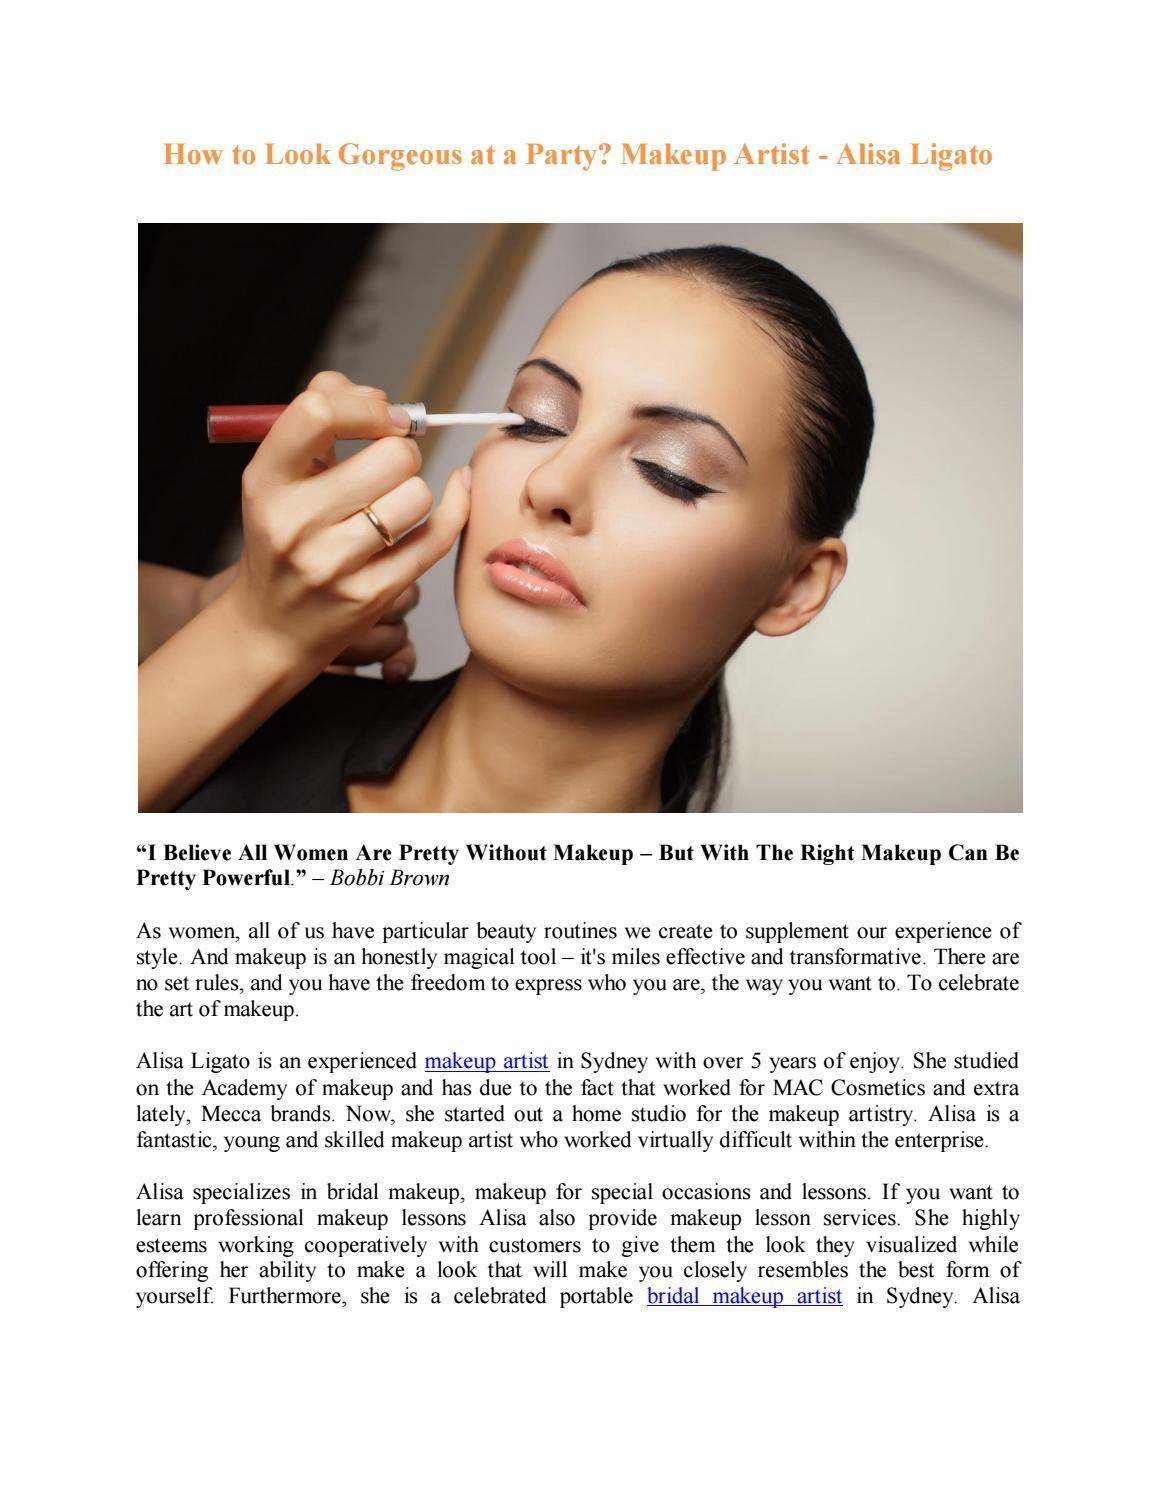 Alisa Ligato Makeup Artistry Issuu